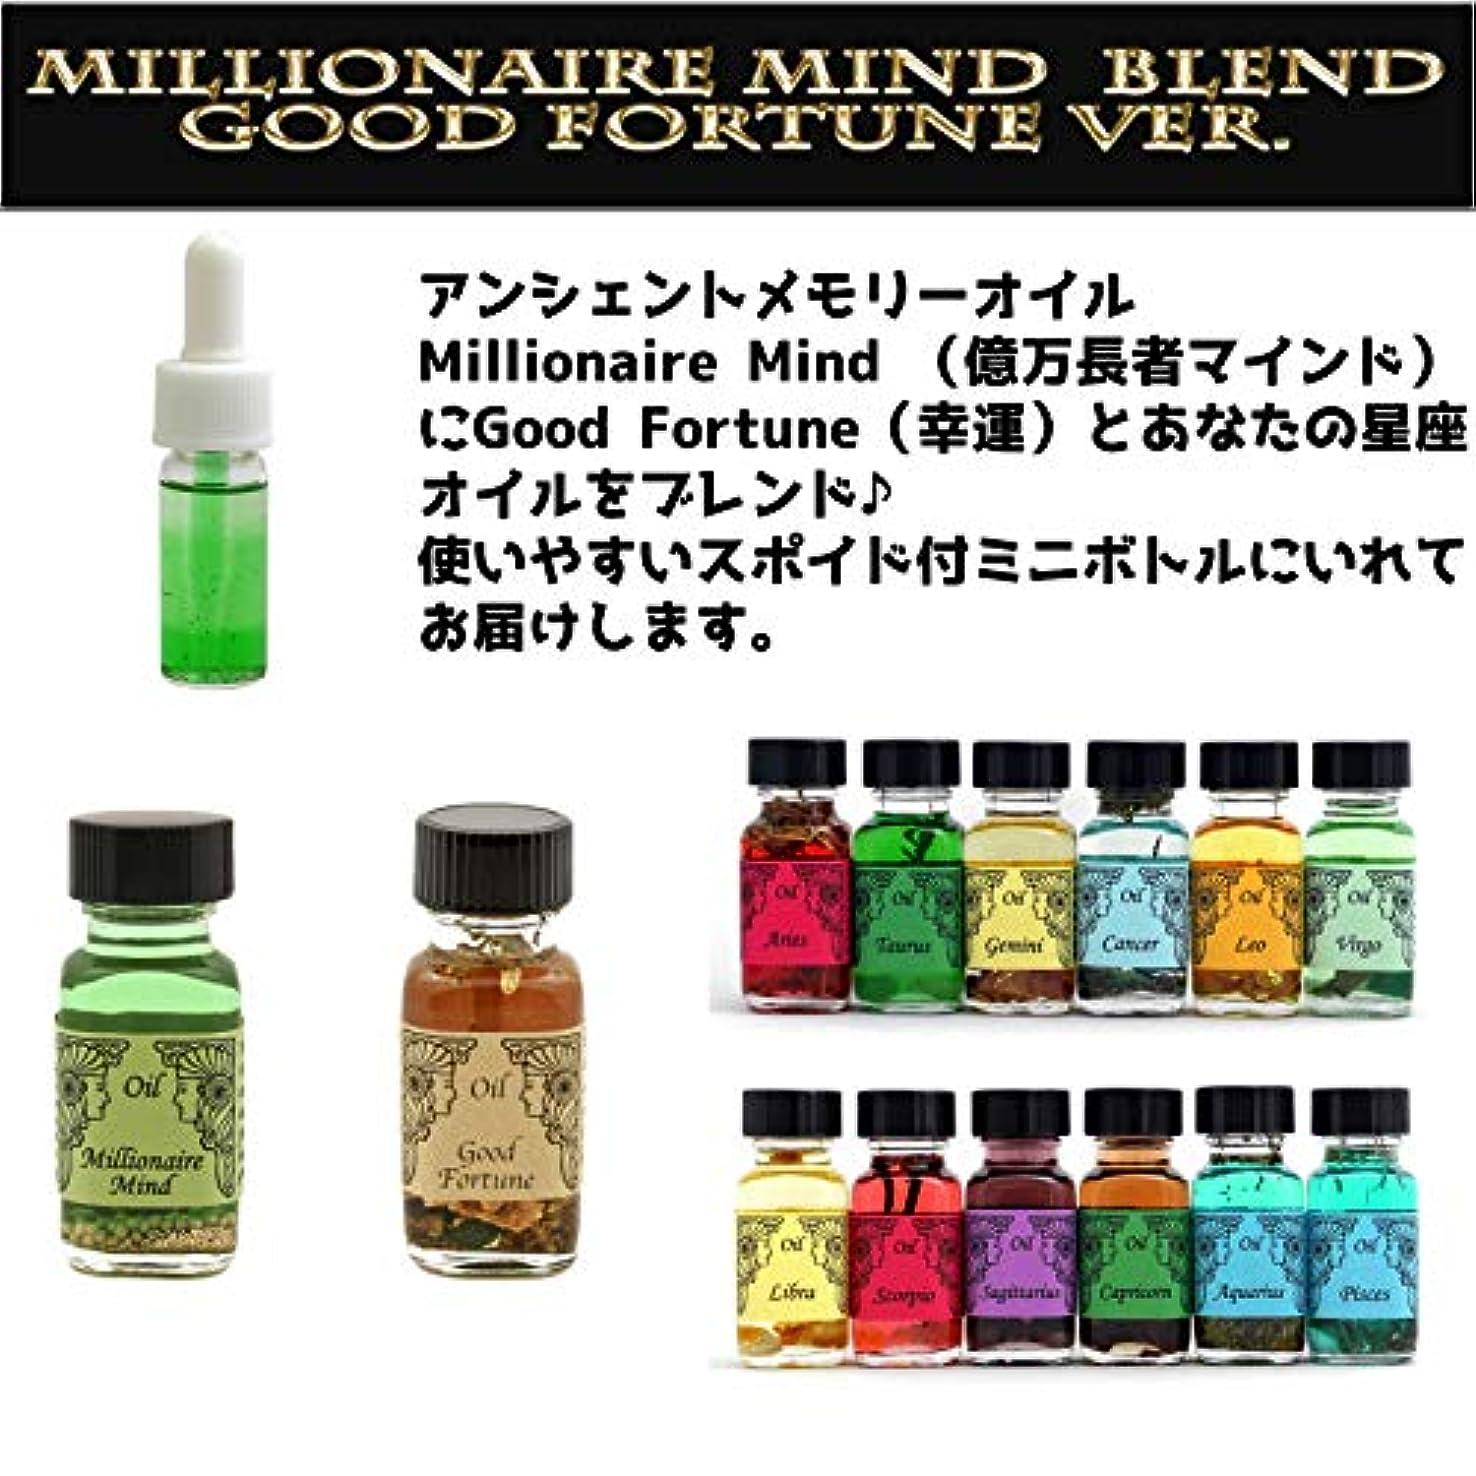 鉱石経済的刺繍アンシェントメモリーオイル Millionaire Mind 億万長者マインド ブレンド【Good Fortune グッドフォーチュン 幸運&しし座】